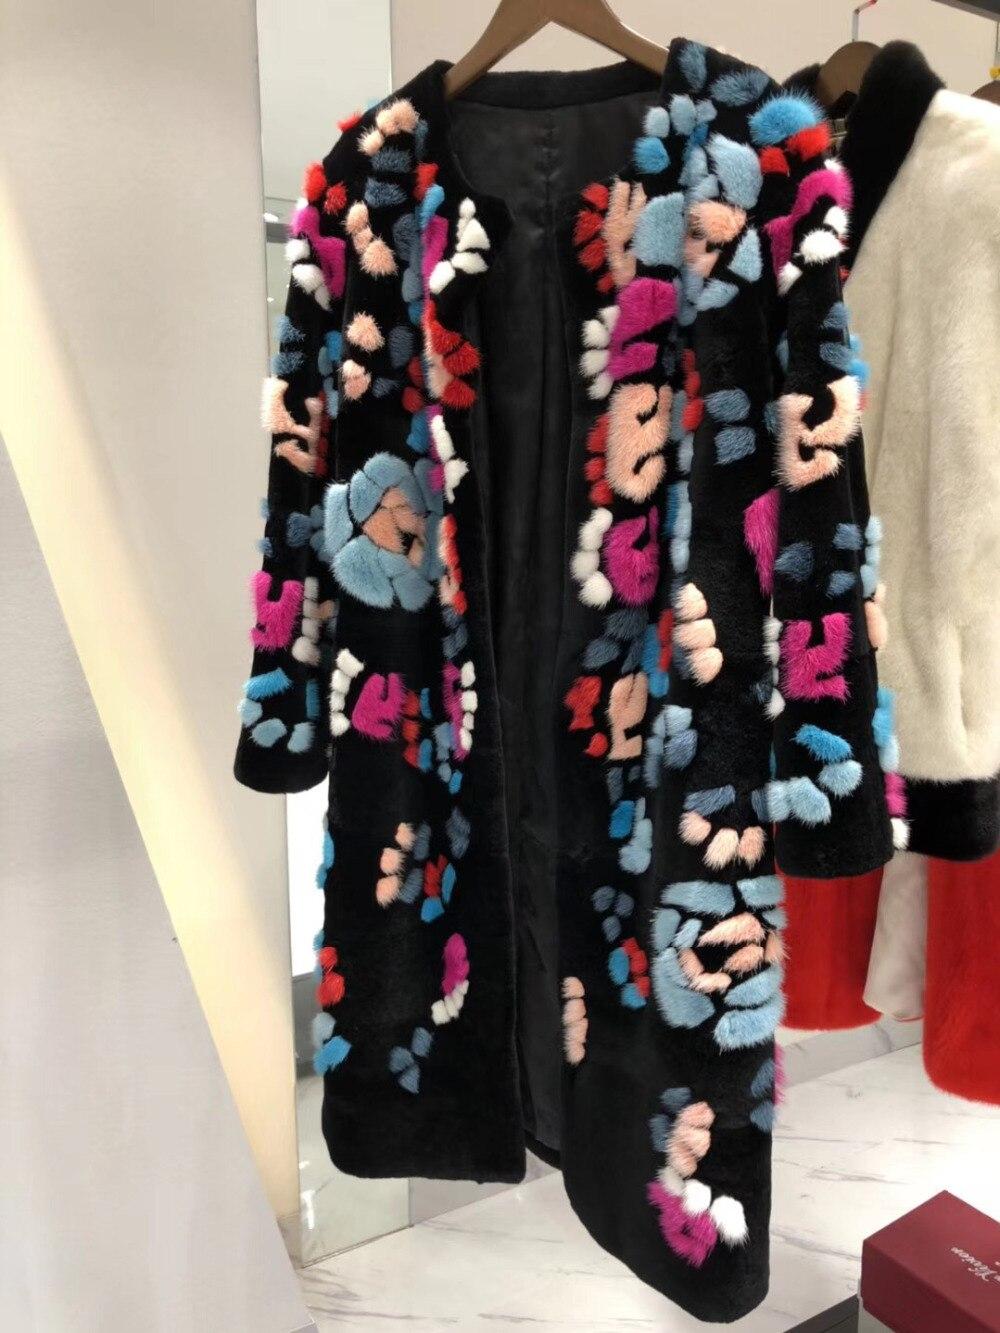 Arlenesain personnalisé limité hiver édition limitée Pure fabriqué à la main parquet haut de gamme boutique manteau de fourrure de vison